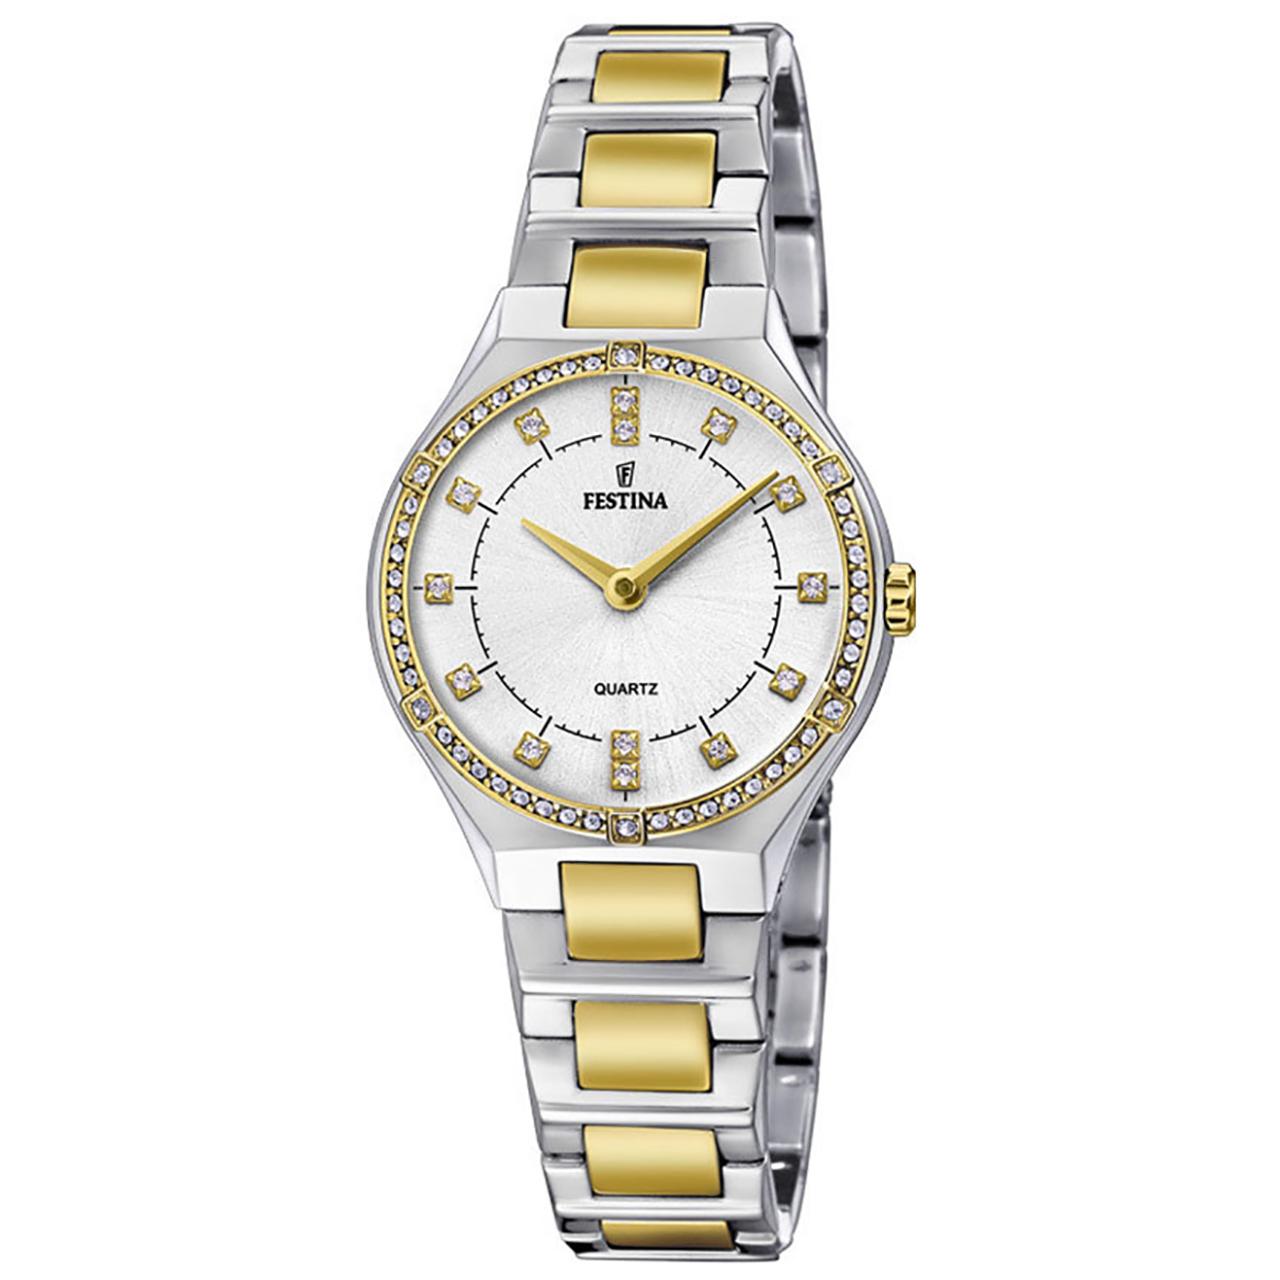 ساعت مچی عقربه ای زنانه فستینا مدل F20226/1